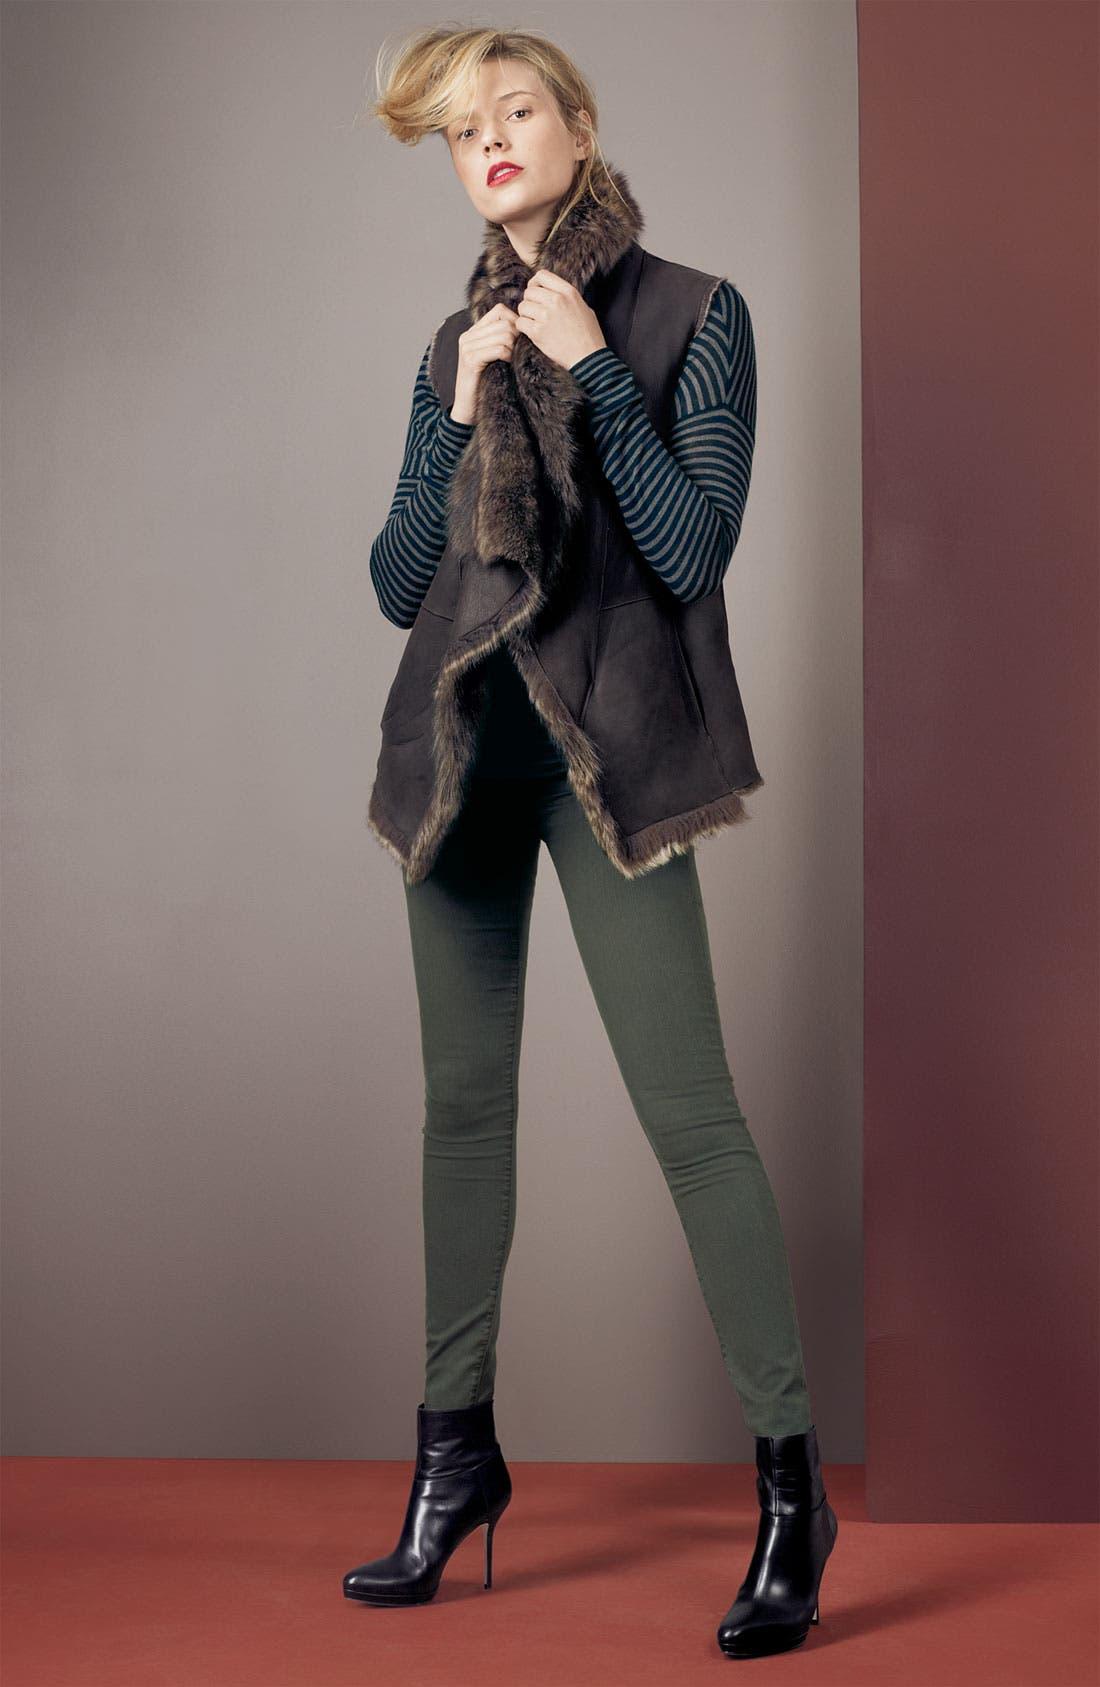 Alternate Image 1 Selected - Vince Genuine Shearling Vest & Boatneck Sweater